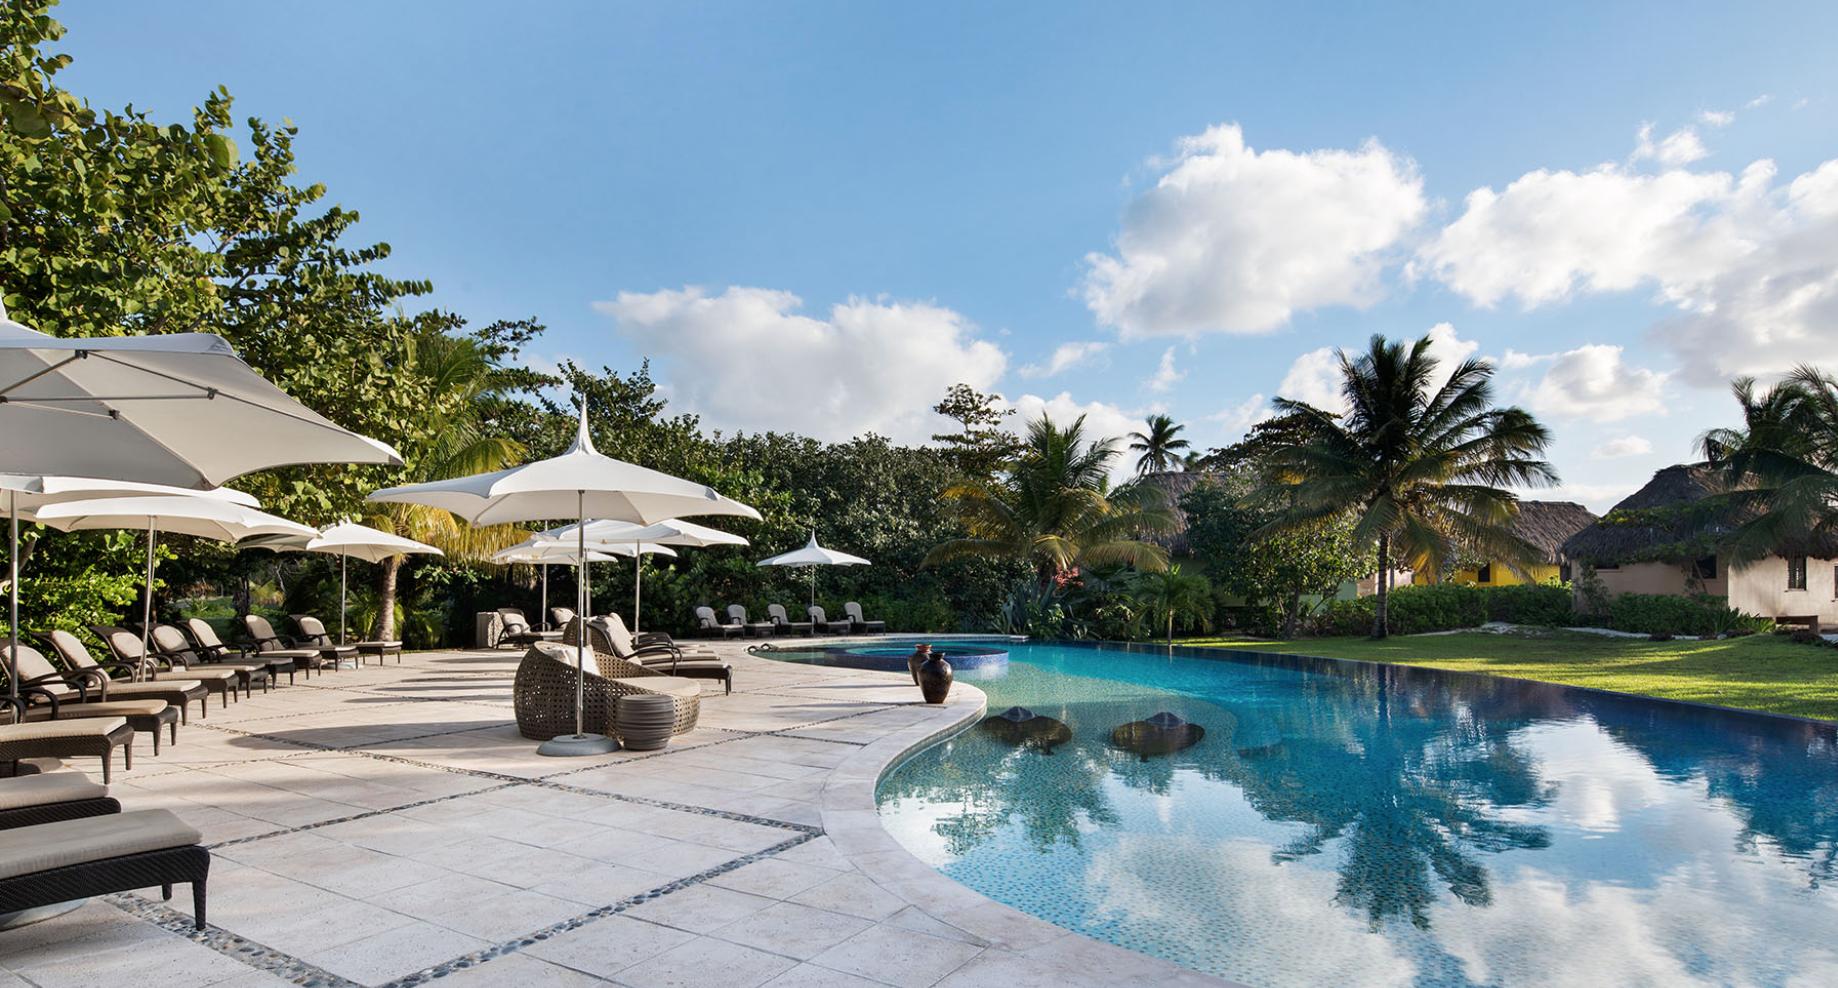 Matachica Resort in Belize